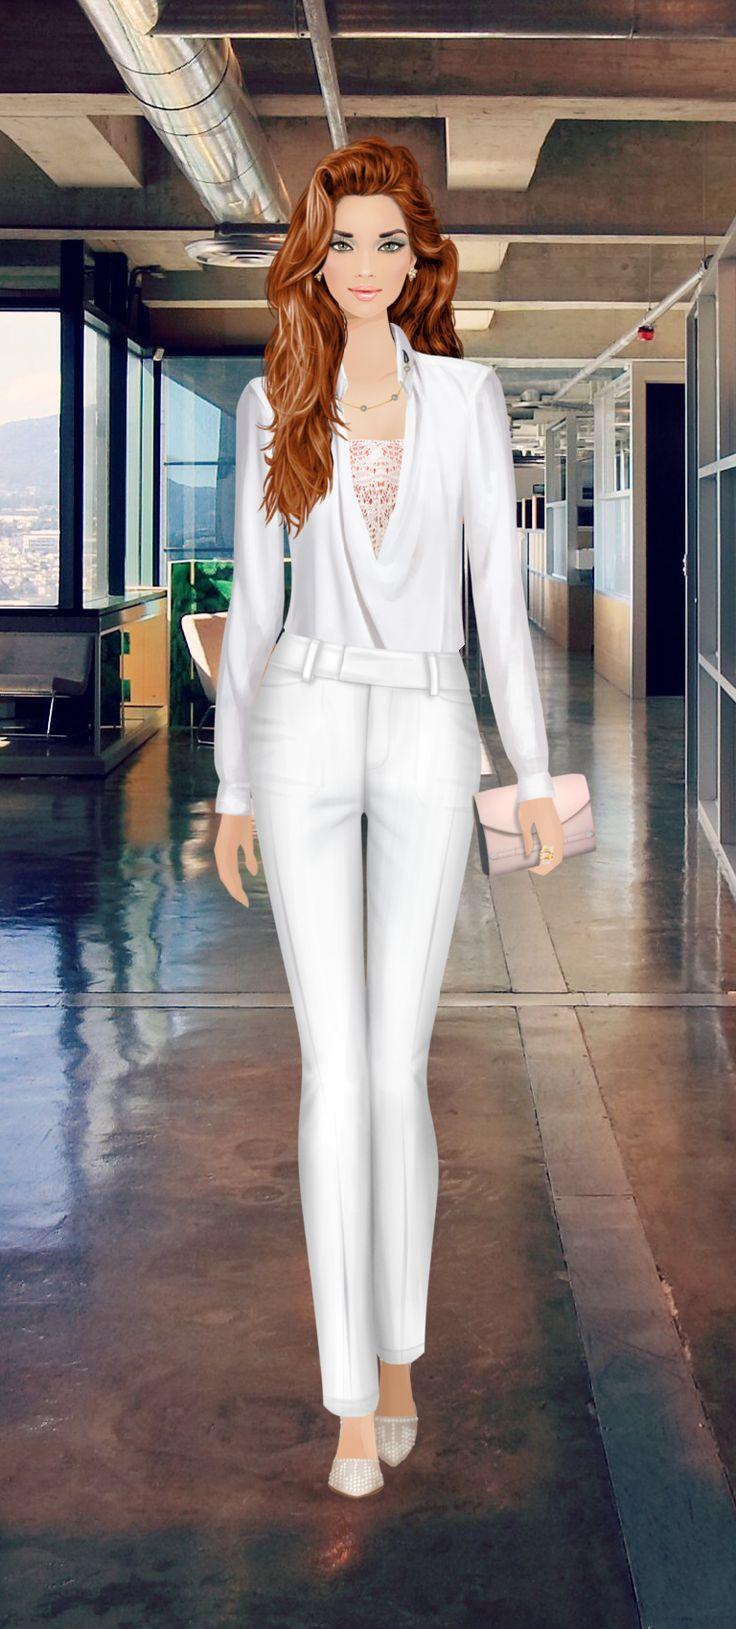 Negotiate A Merger On Covet Fashion Game Fashionista Och Pinuppor Och Lady Figurine Pinterest